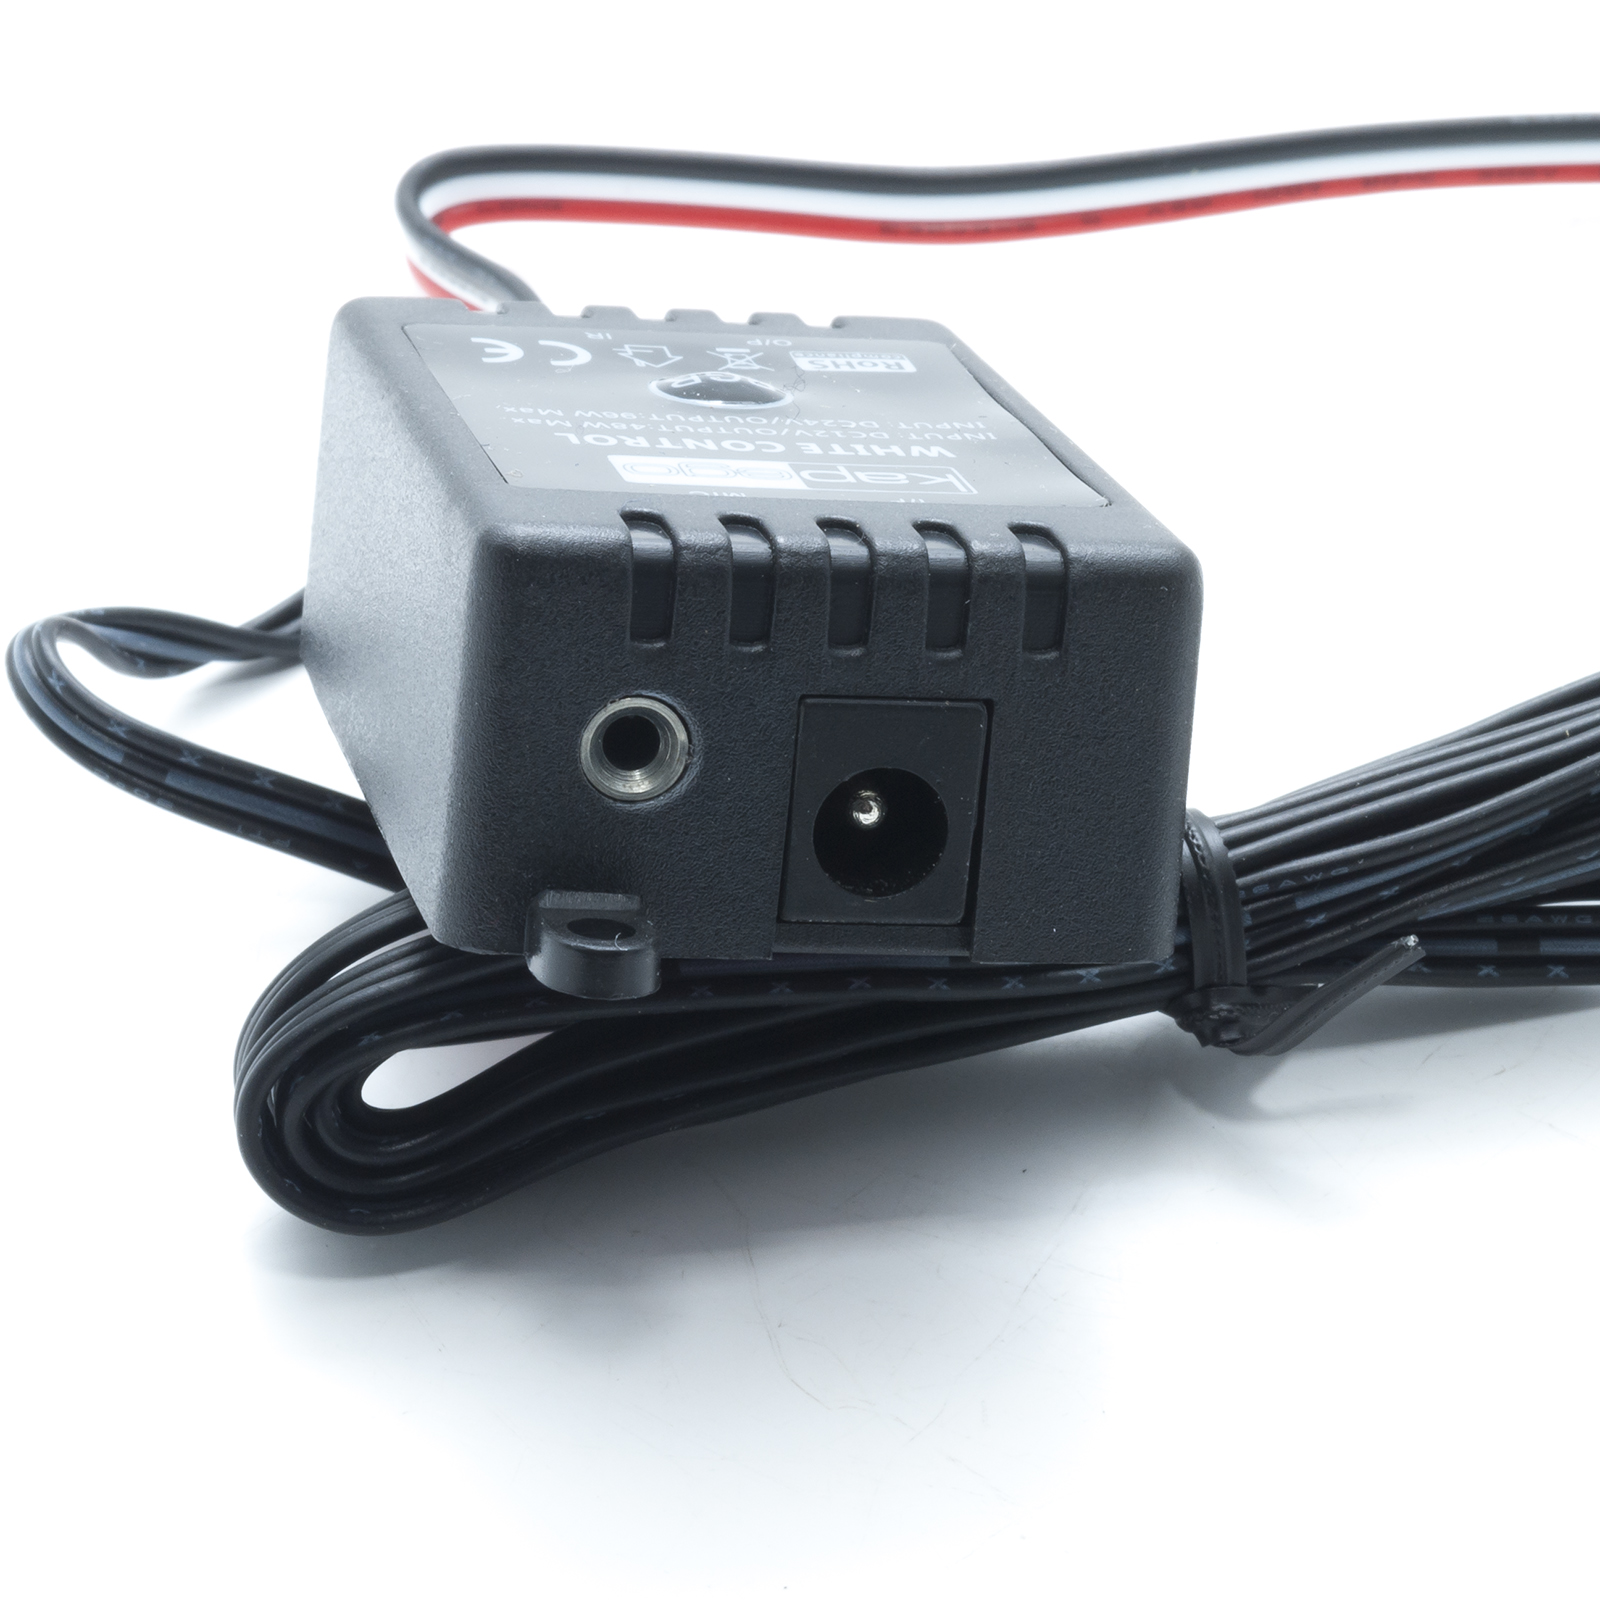 Centralina IR 2 CH dimmer luci lampade LED attivazione suono 3000K 6000K 12V 24V